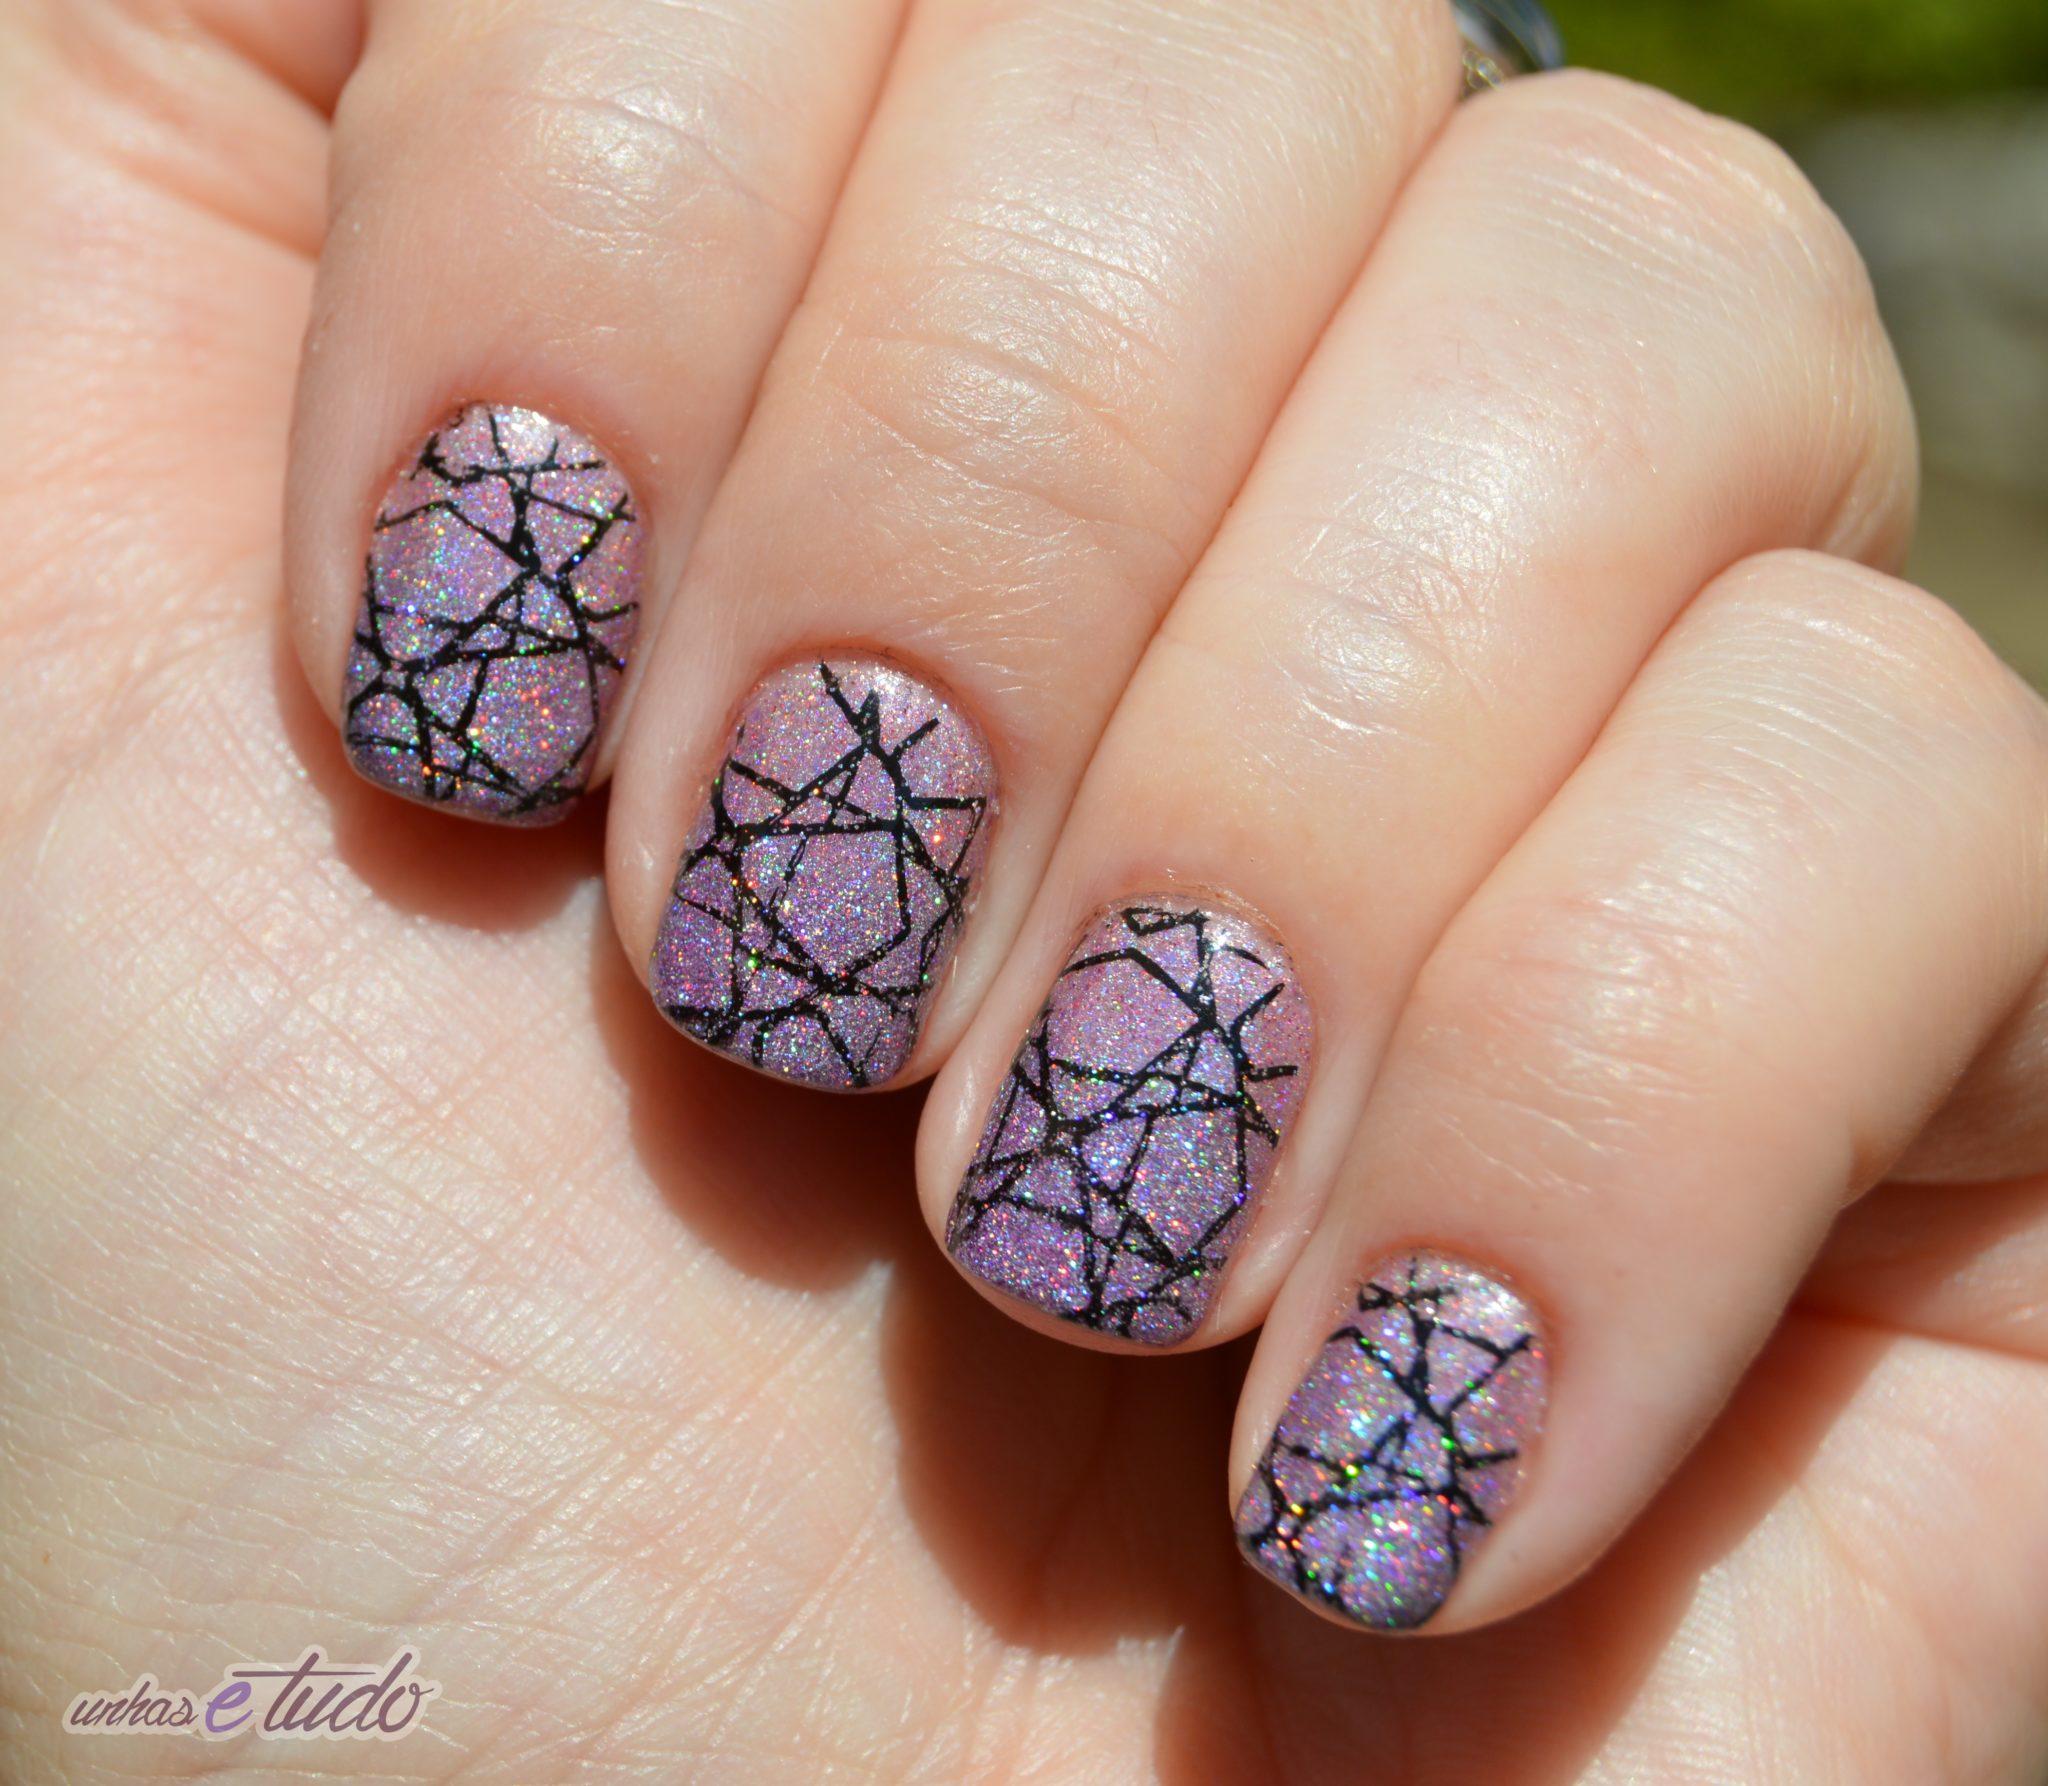 vm-vidrinhos-lilac-luxury-carimbado-um